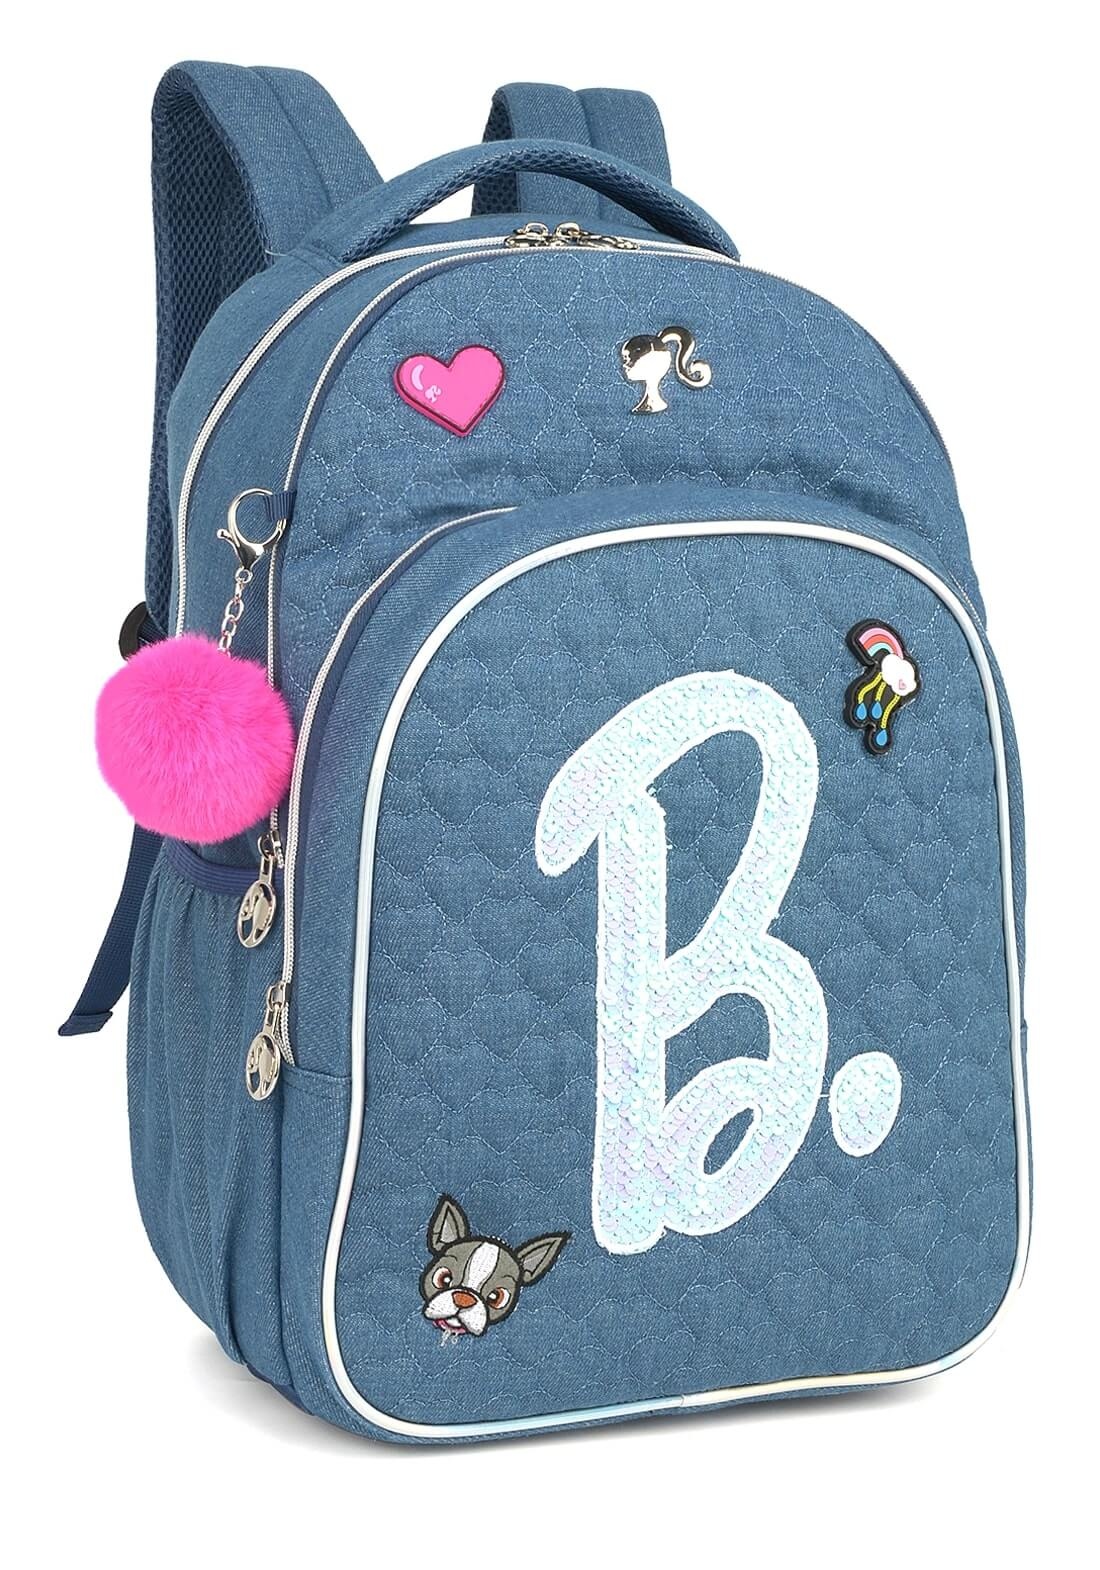 Mochila Barbie Notebook Azul Chaveiro Pom Pom Original NF